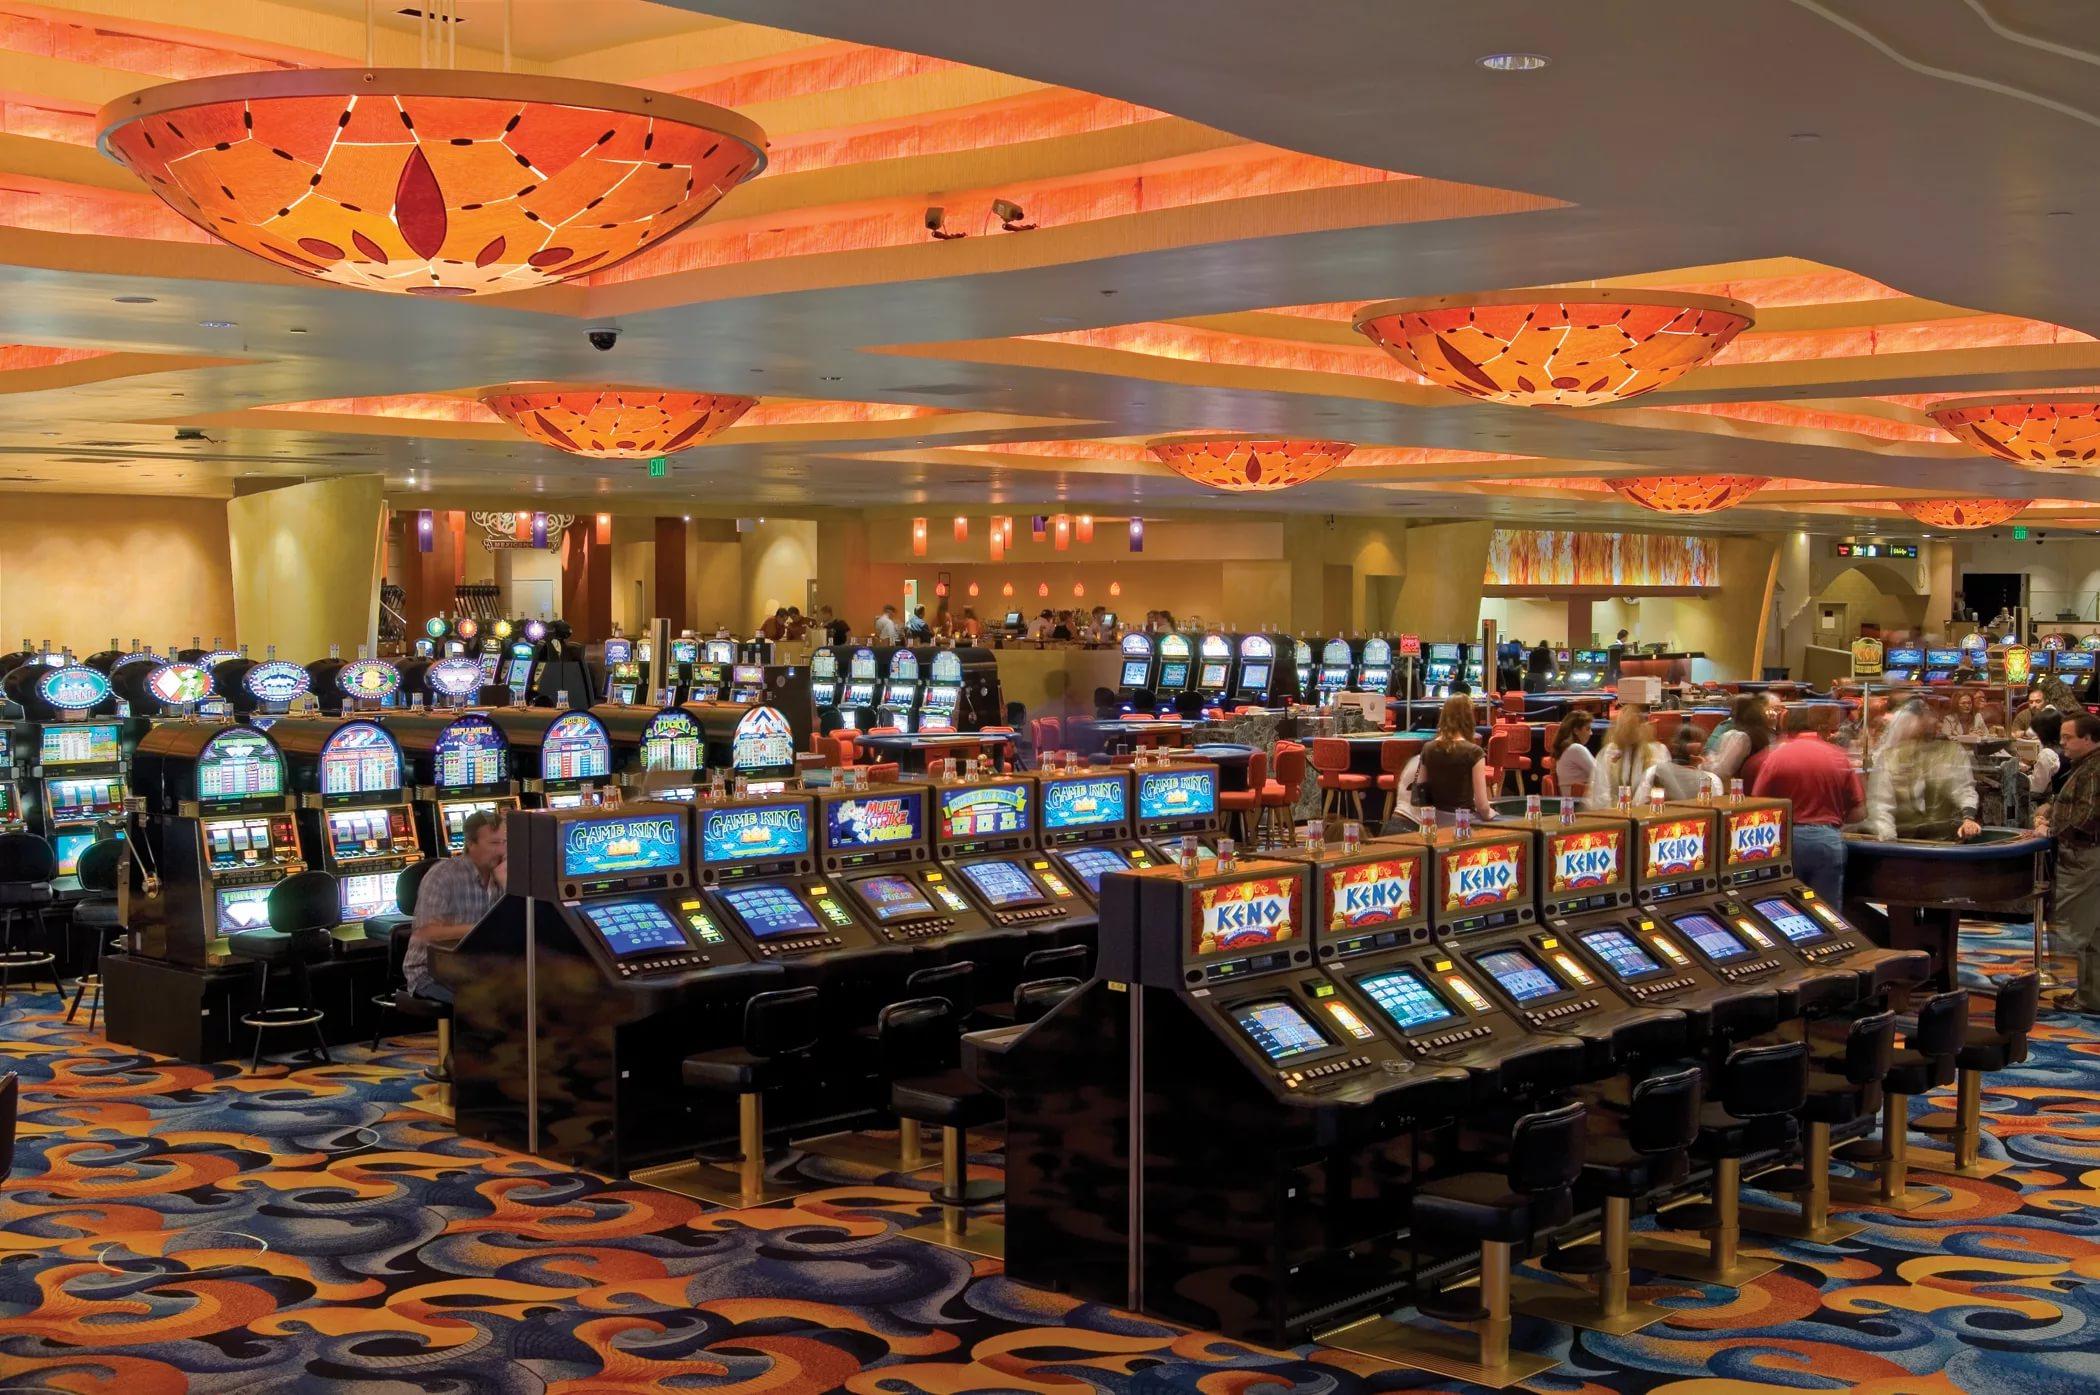 Так как в наземных казино предоставление услуг казино и игровых клубов